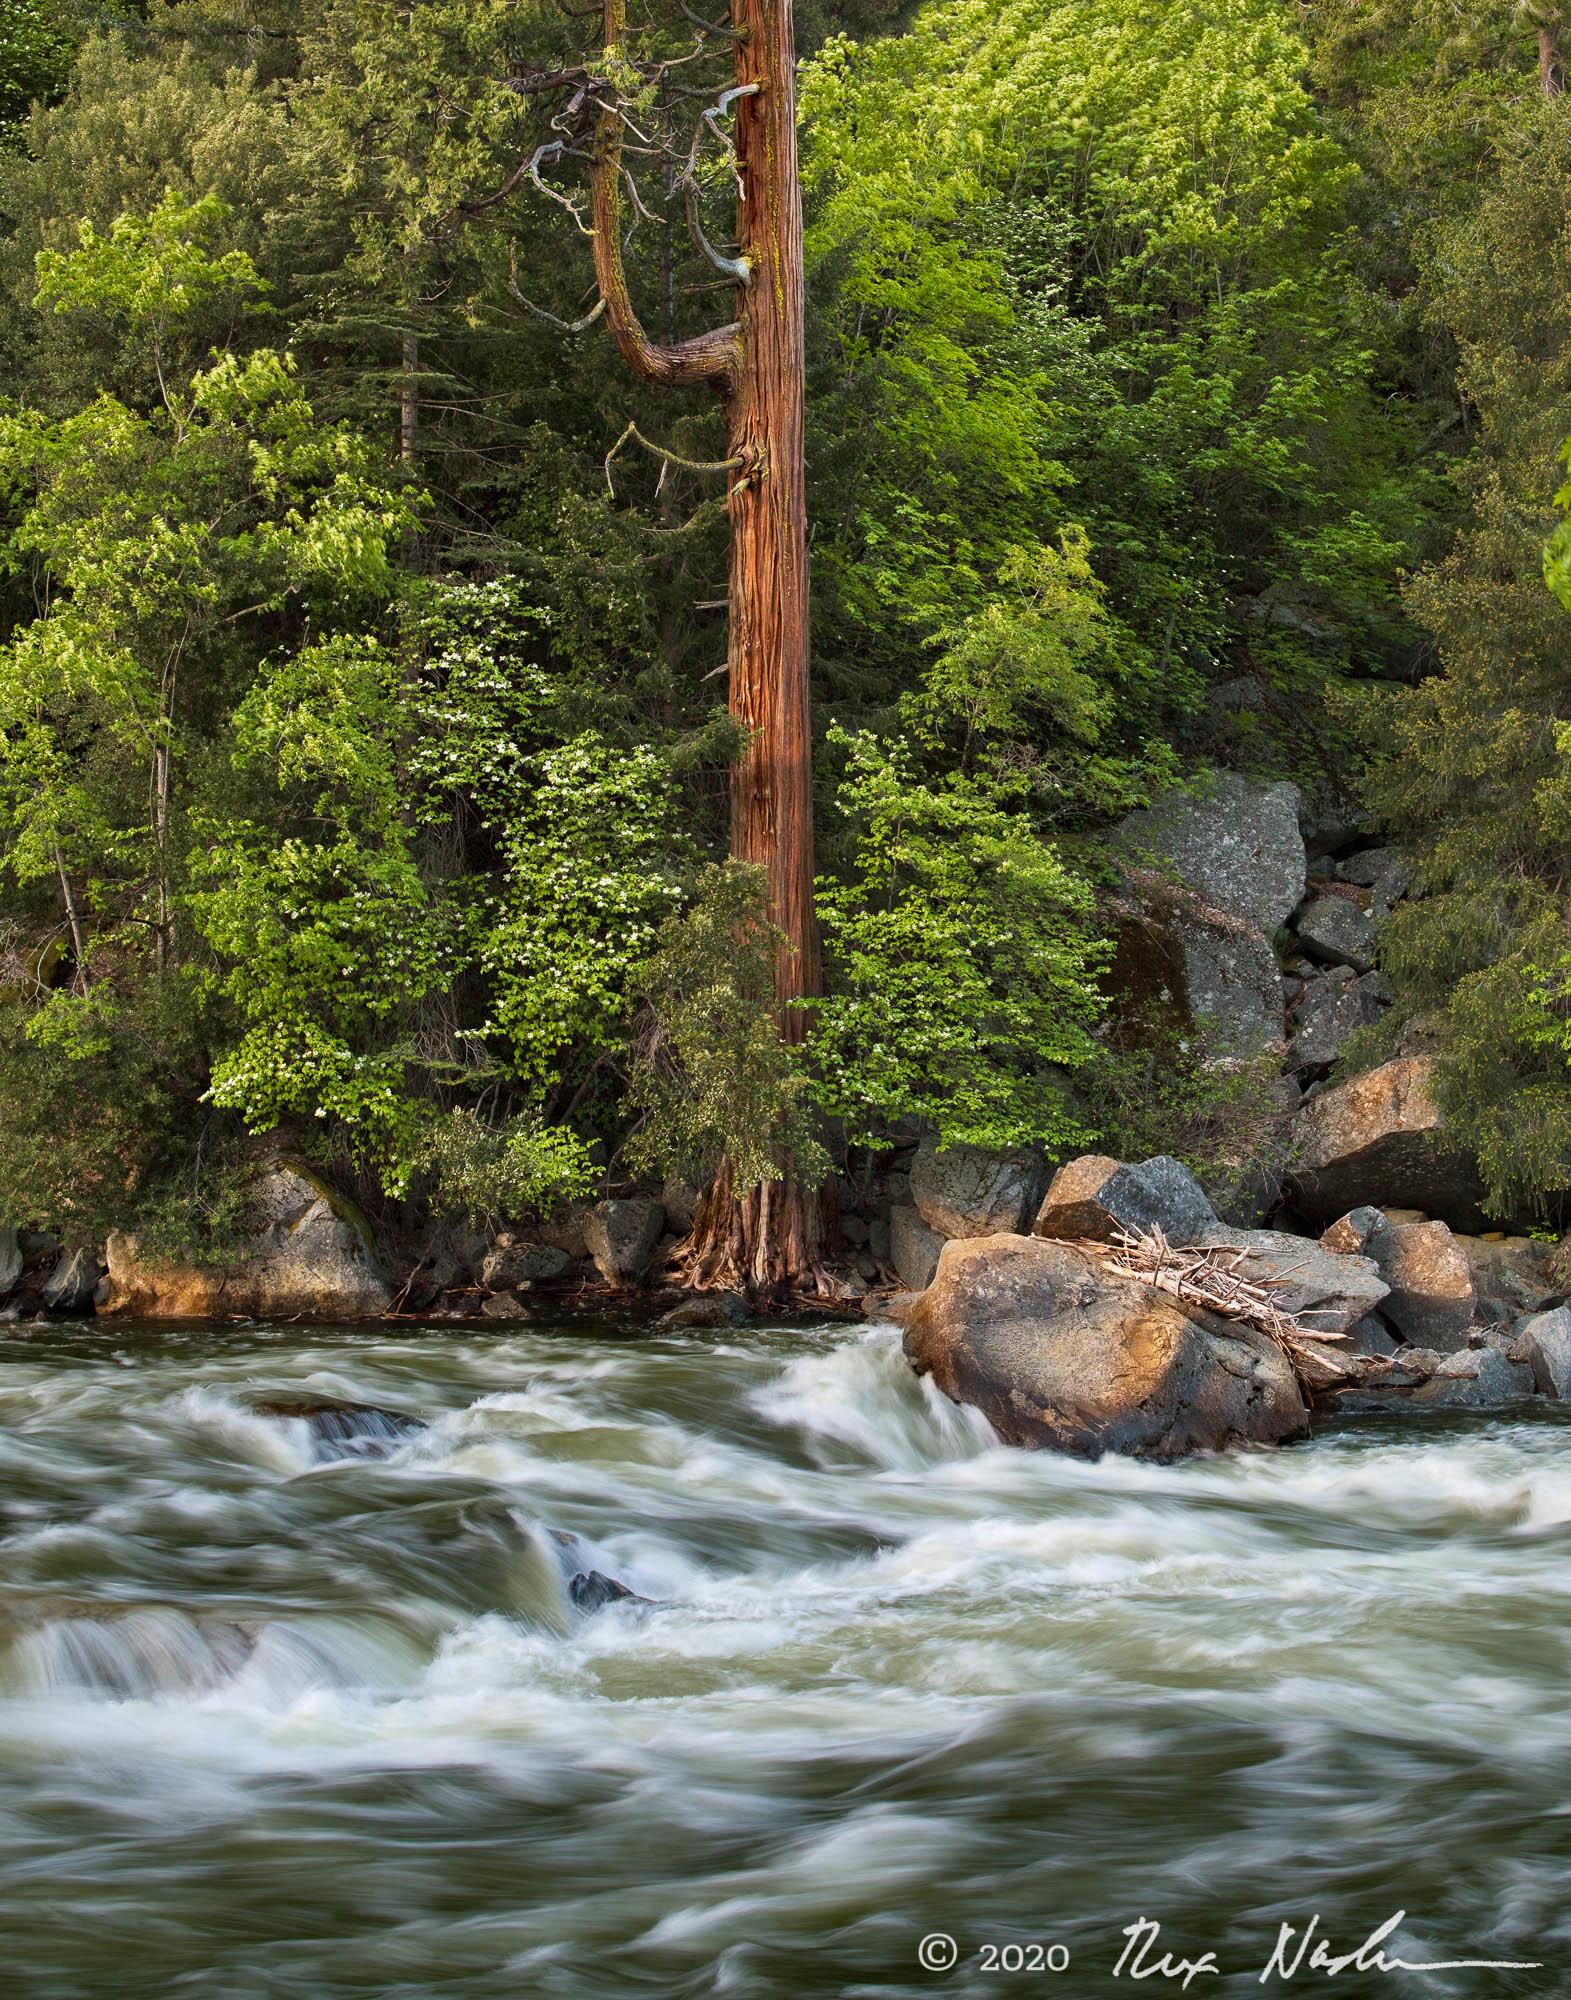 Guardian - Merced River, Yosemite